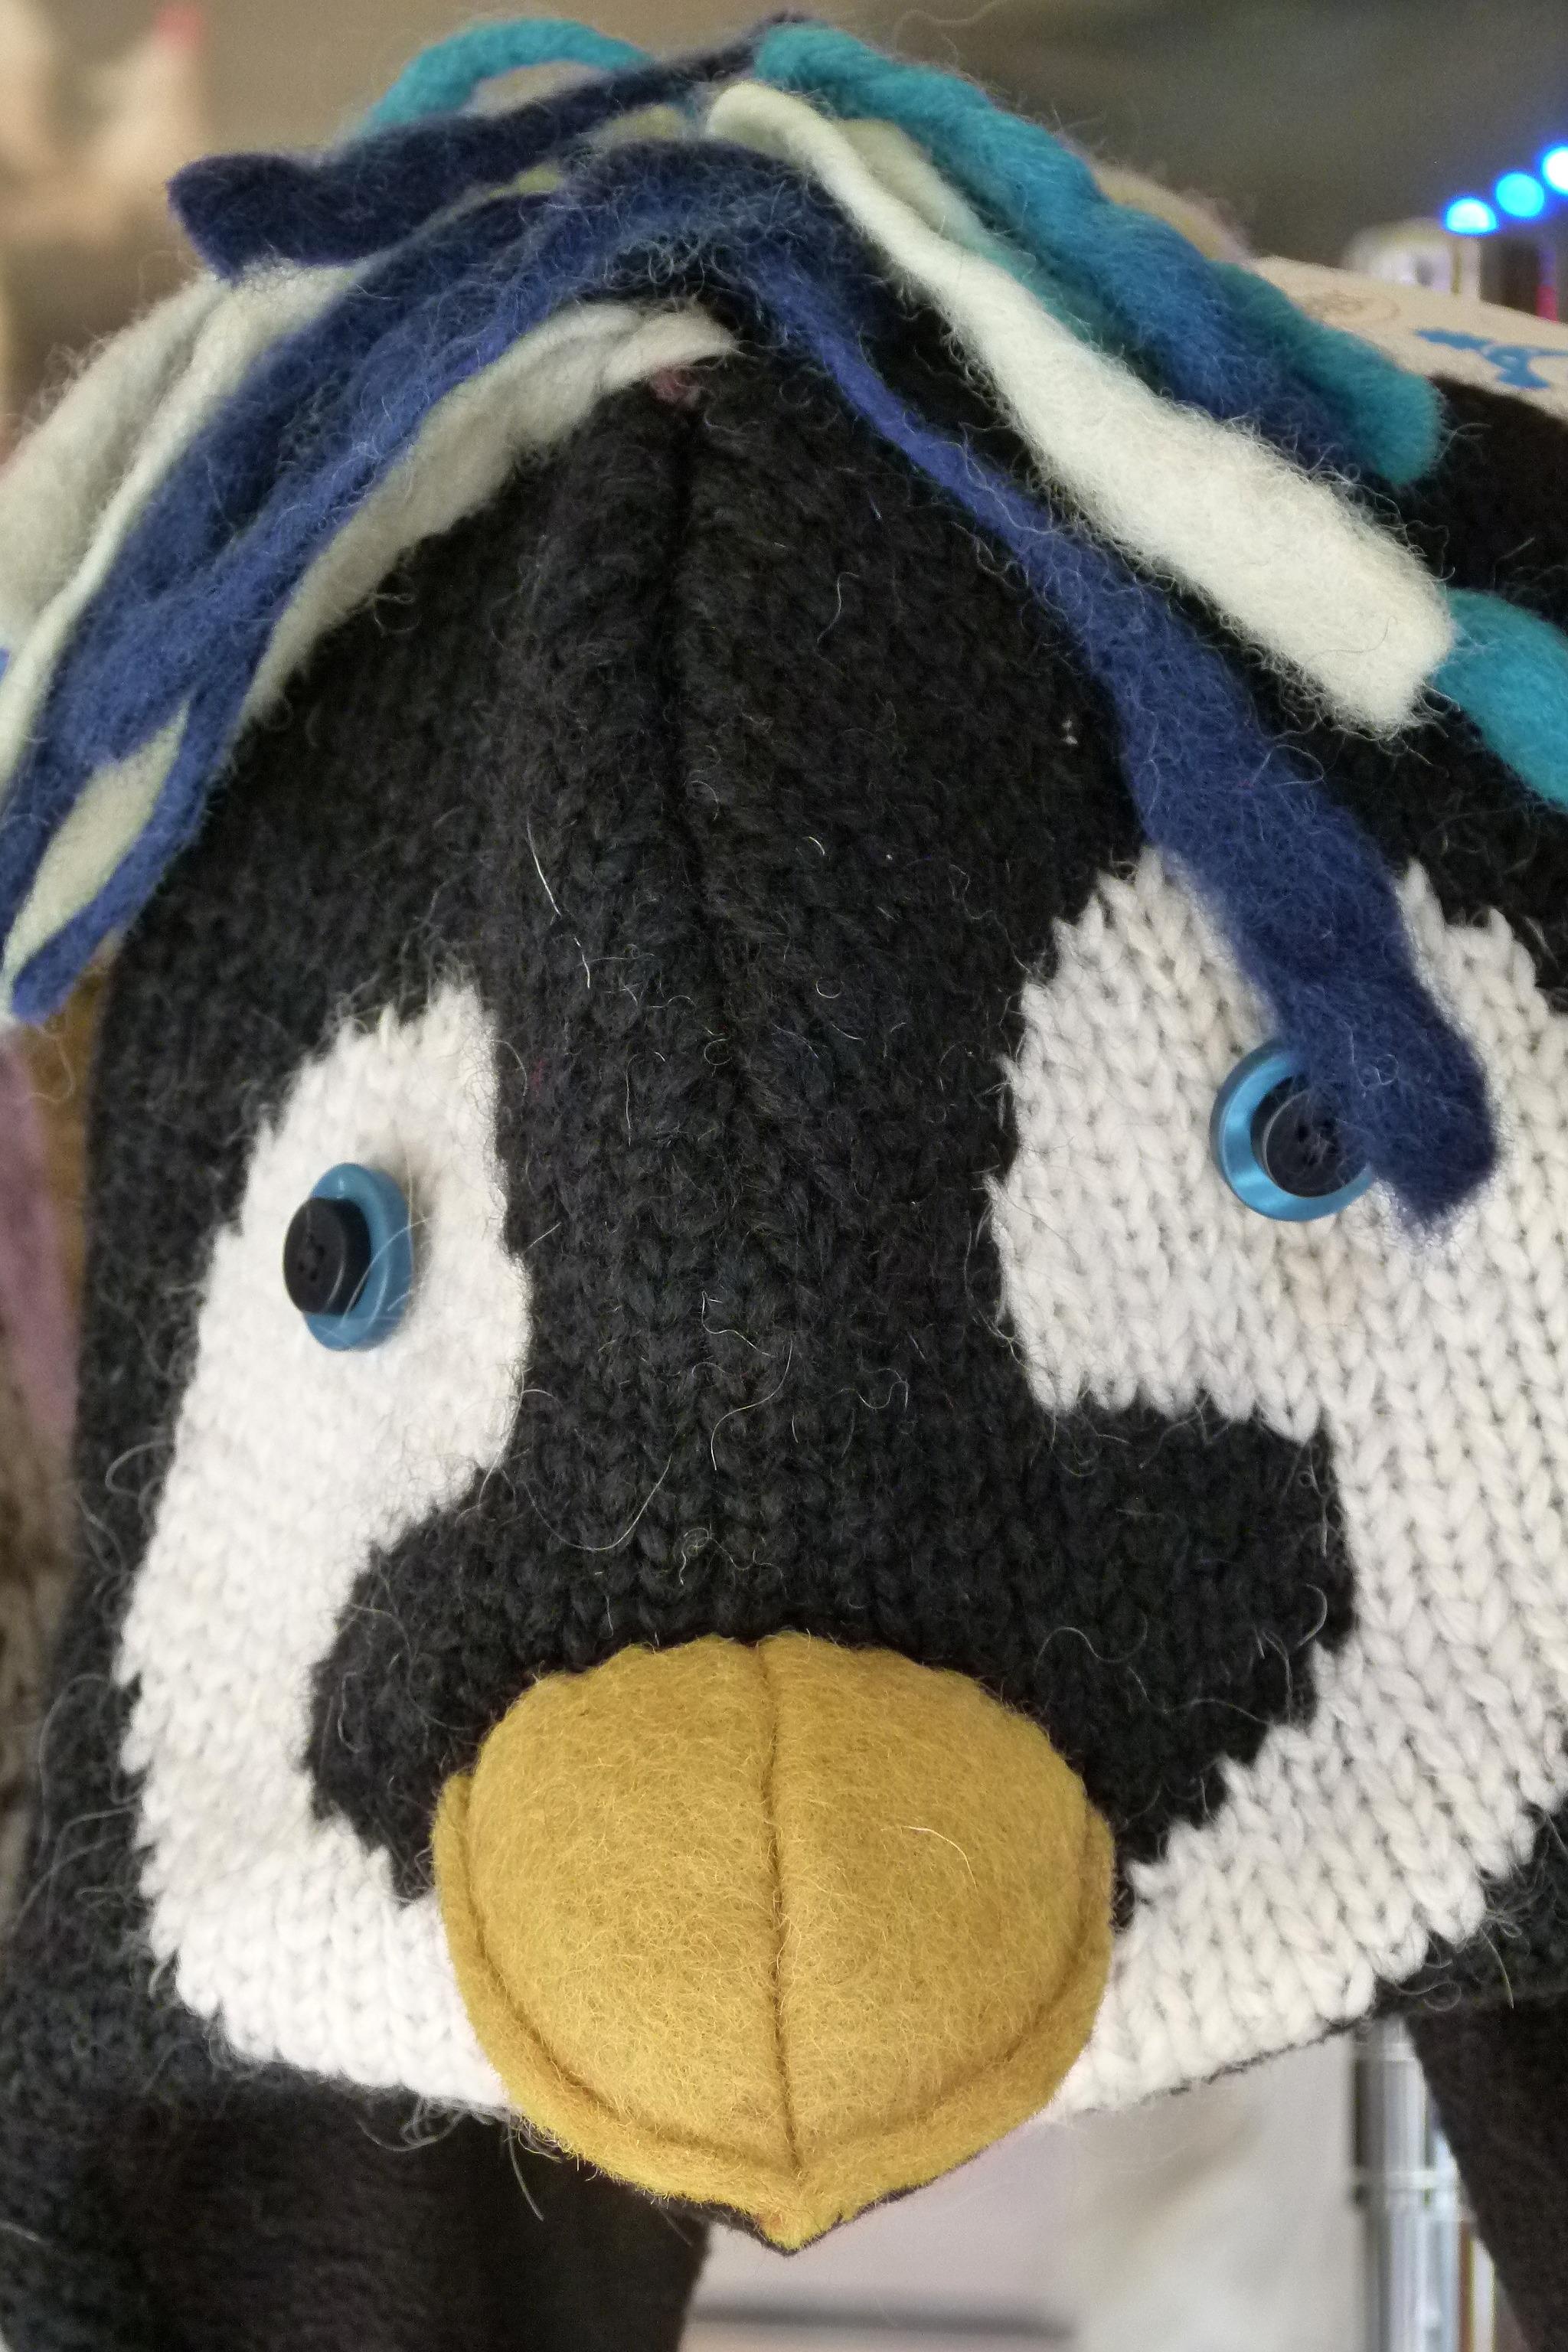 Fotos gratis : juguete, lana, de cerca, tejer, textil, art, gorra ...